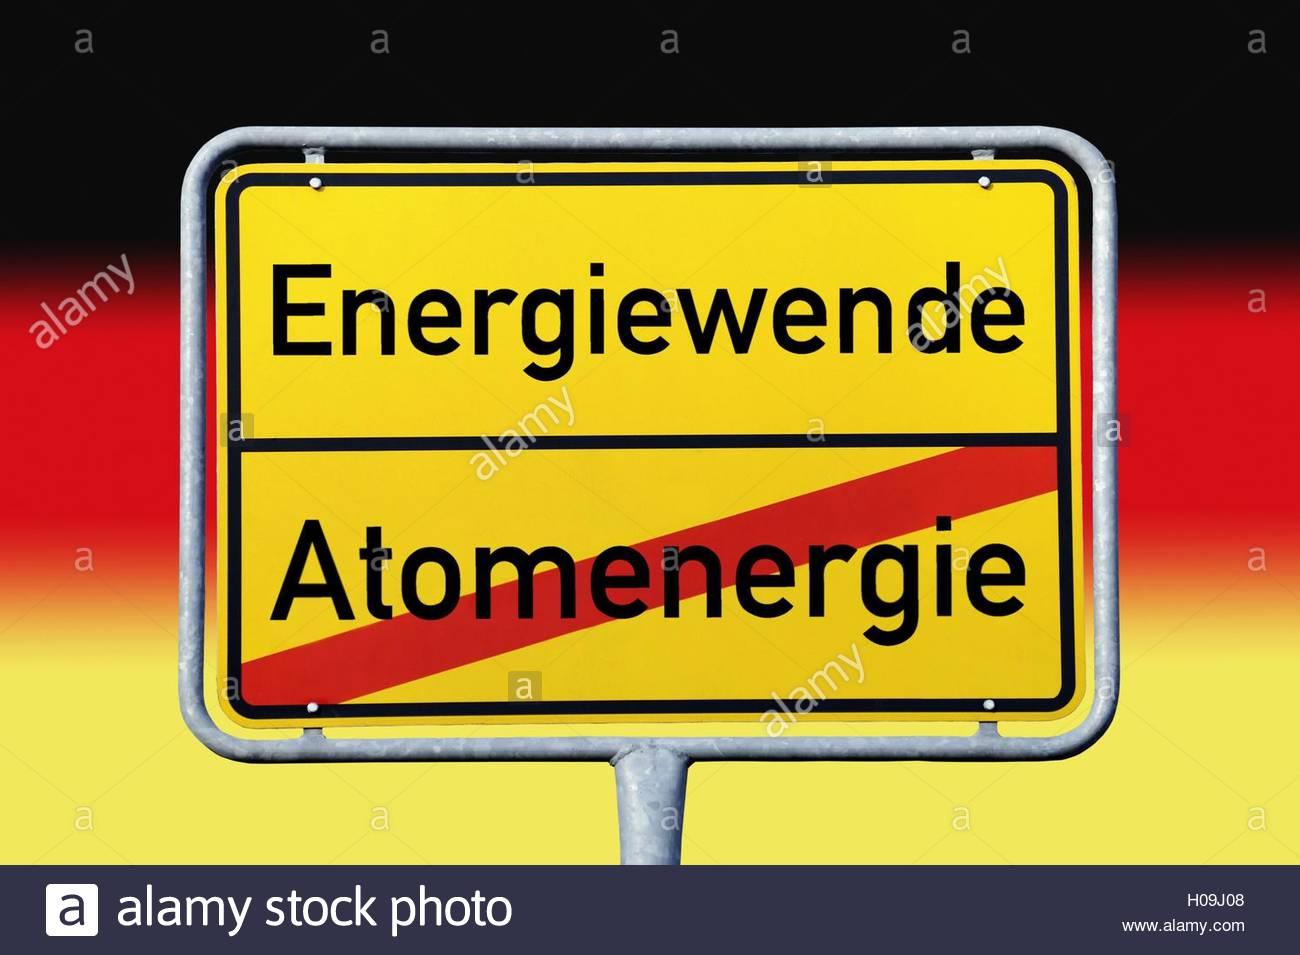 BLWX071247 [ (c) blickwinkel/McPHOTOx/Christian Ohde Tel. +49 (0)2302-2793220, E-mail: info@blickwinkel.de, Internet: - Stock Image